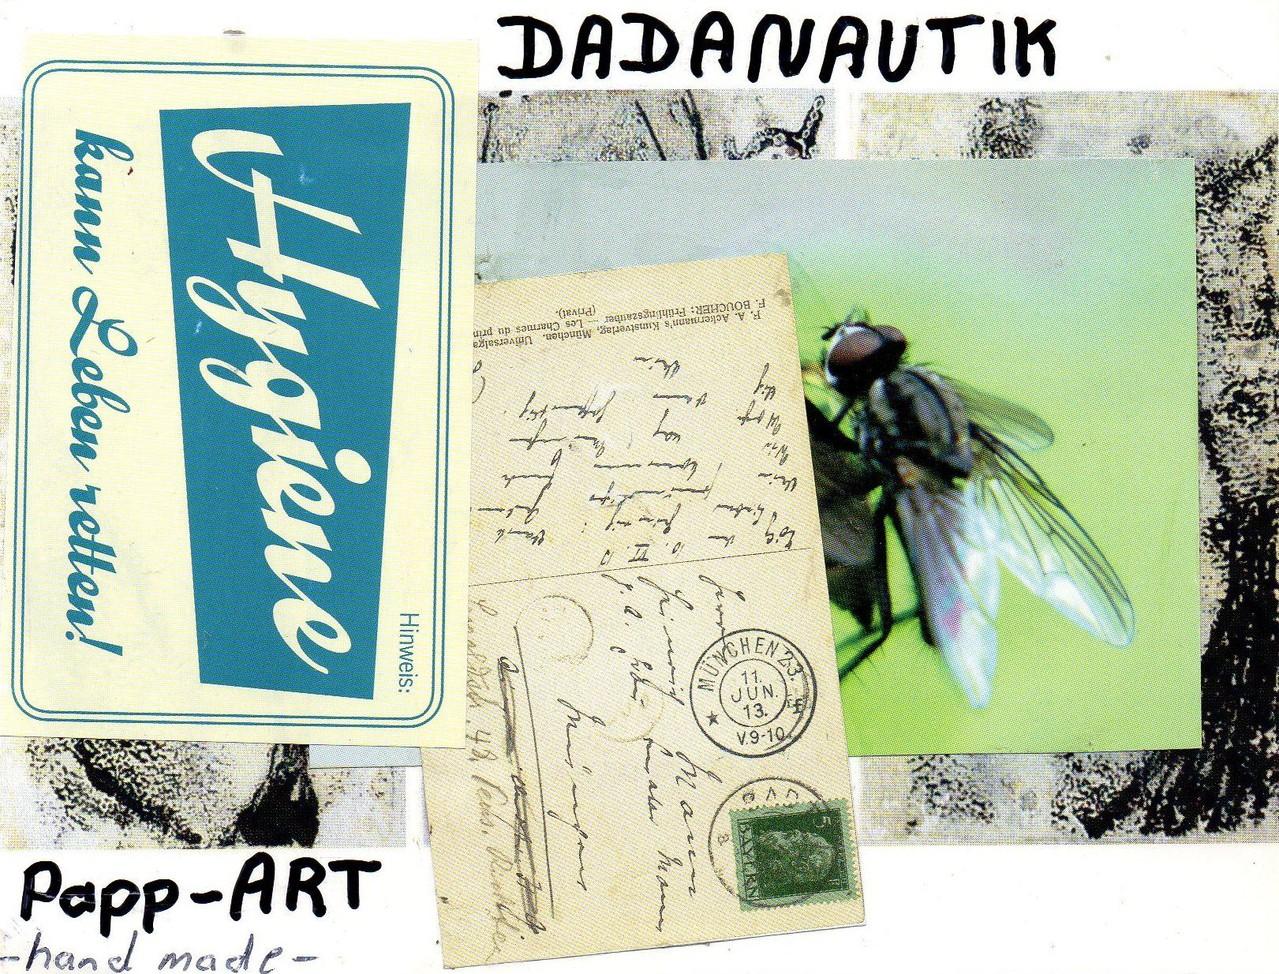 """Eingehende MAIL - ART AGAINST """" WAR """" by Reiner Langer   von DADANAUTIK, DEUTSCHLAND."""